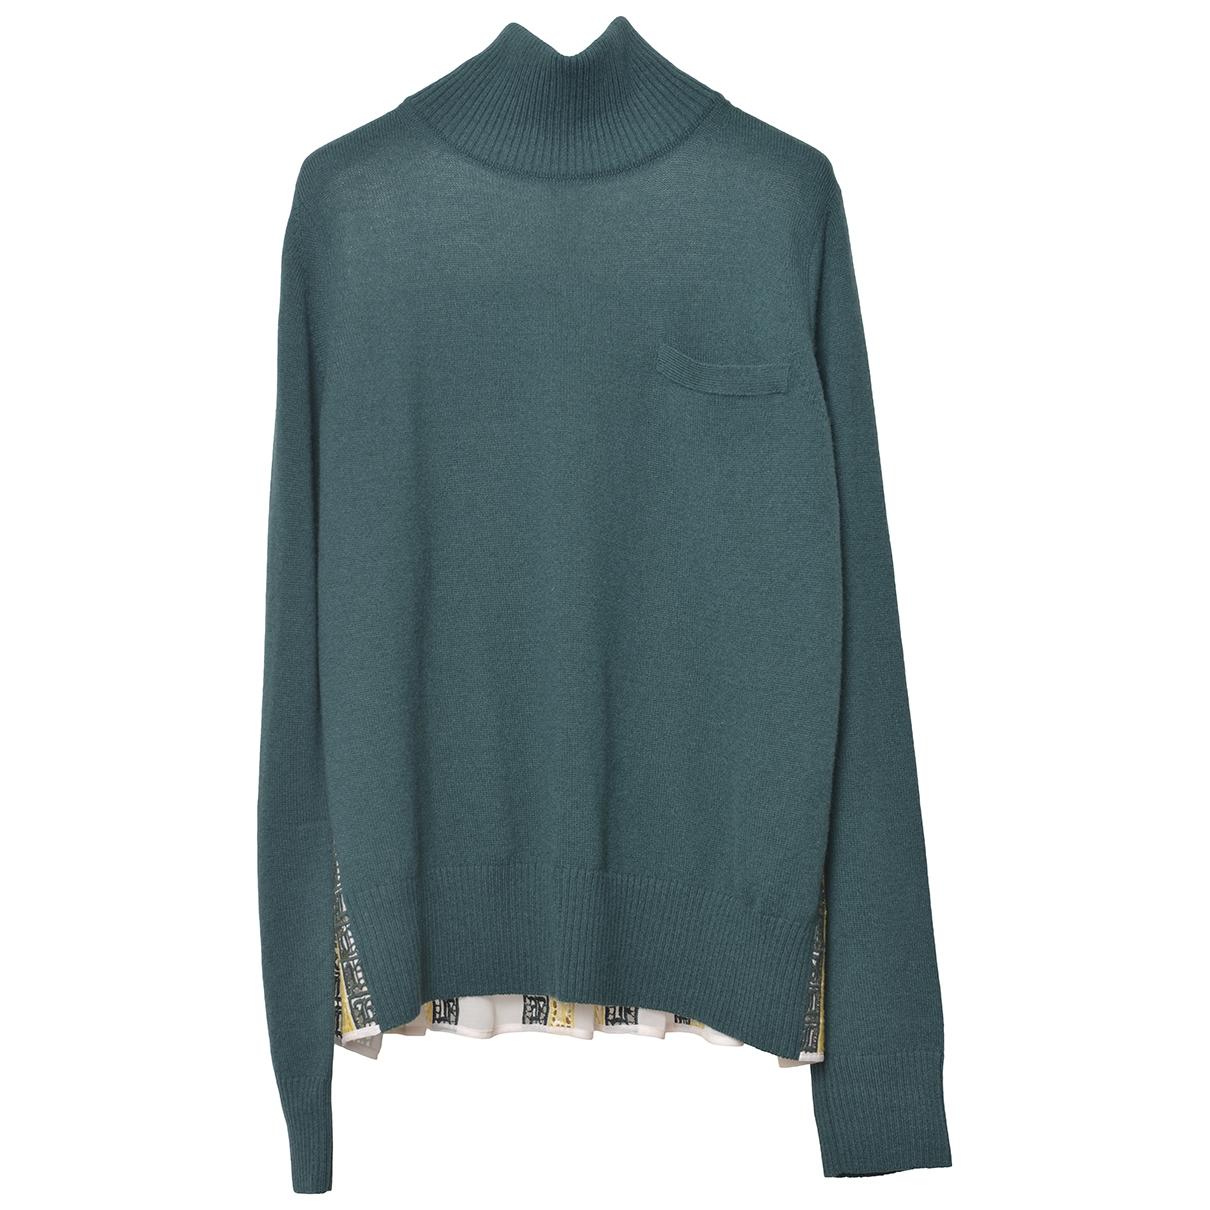 Sacai - Pull   pour femme en laine - vert